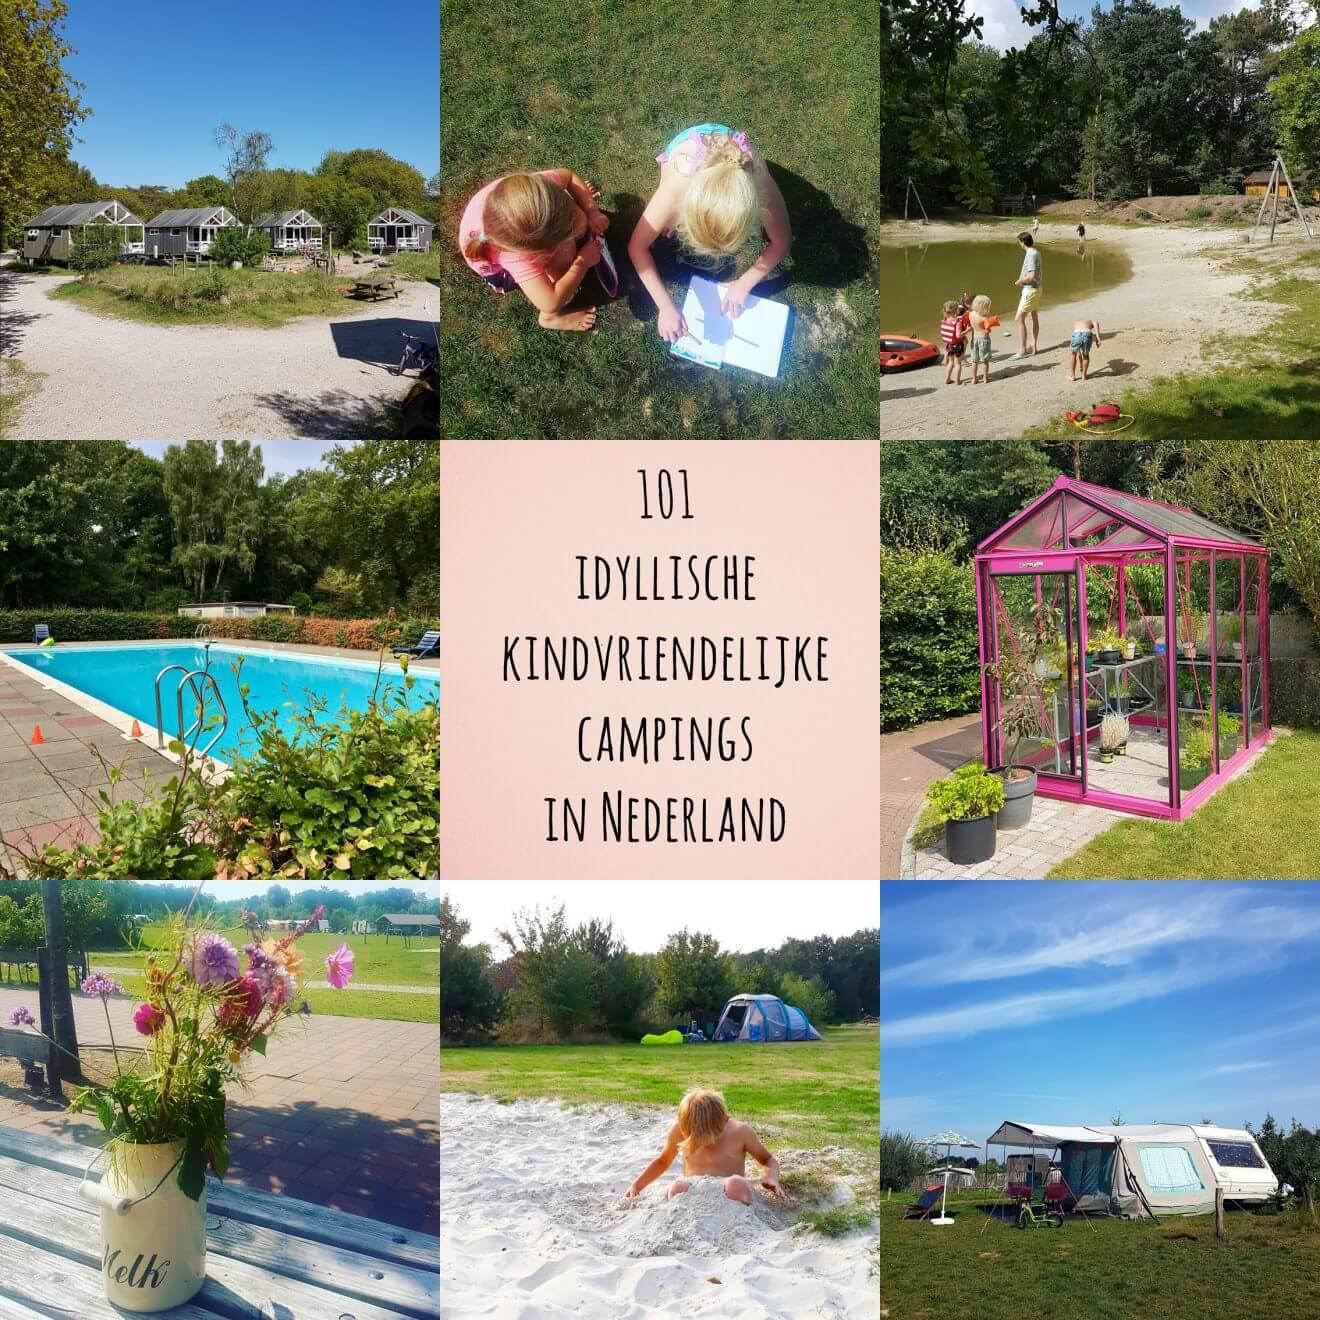 Kamperen met kinderen 101 idyllische kindvriendelijke campings in Nederland